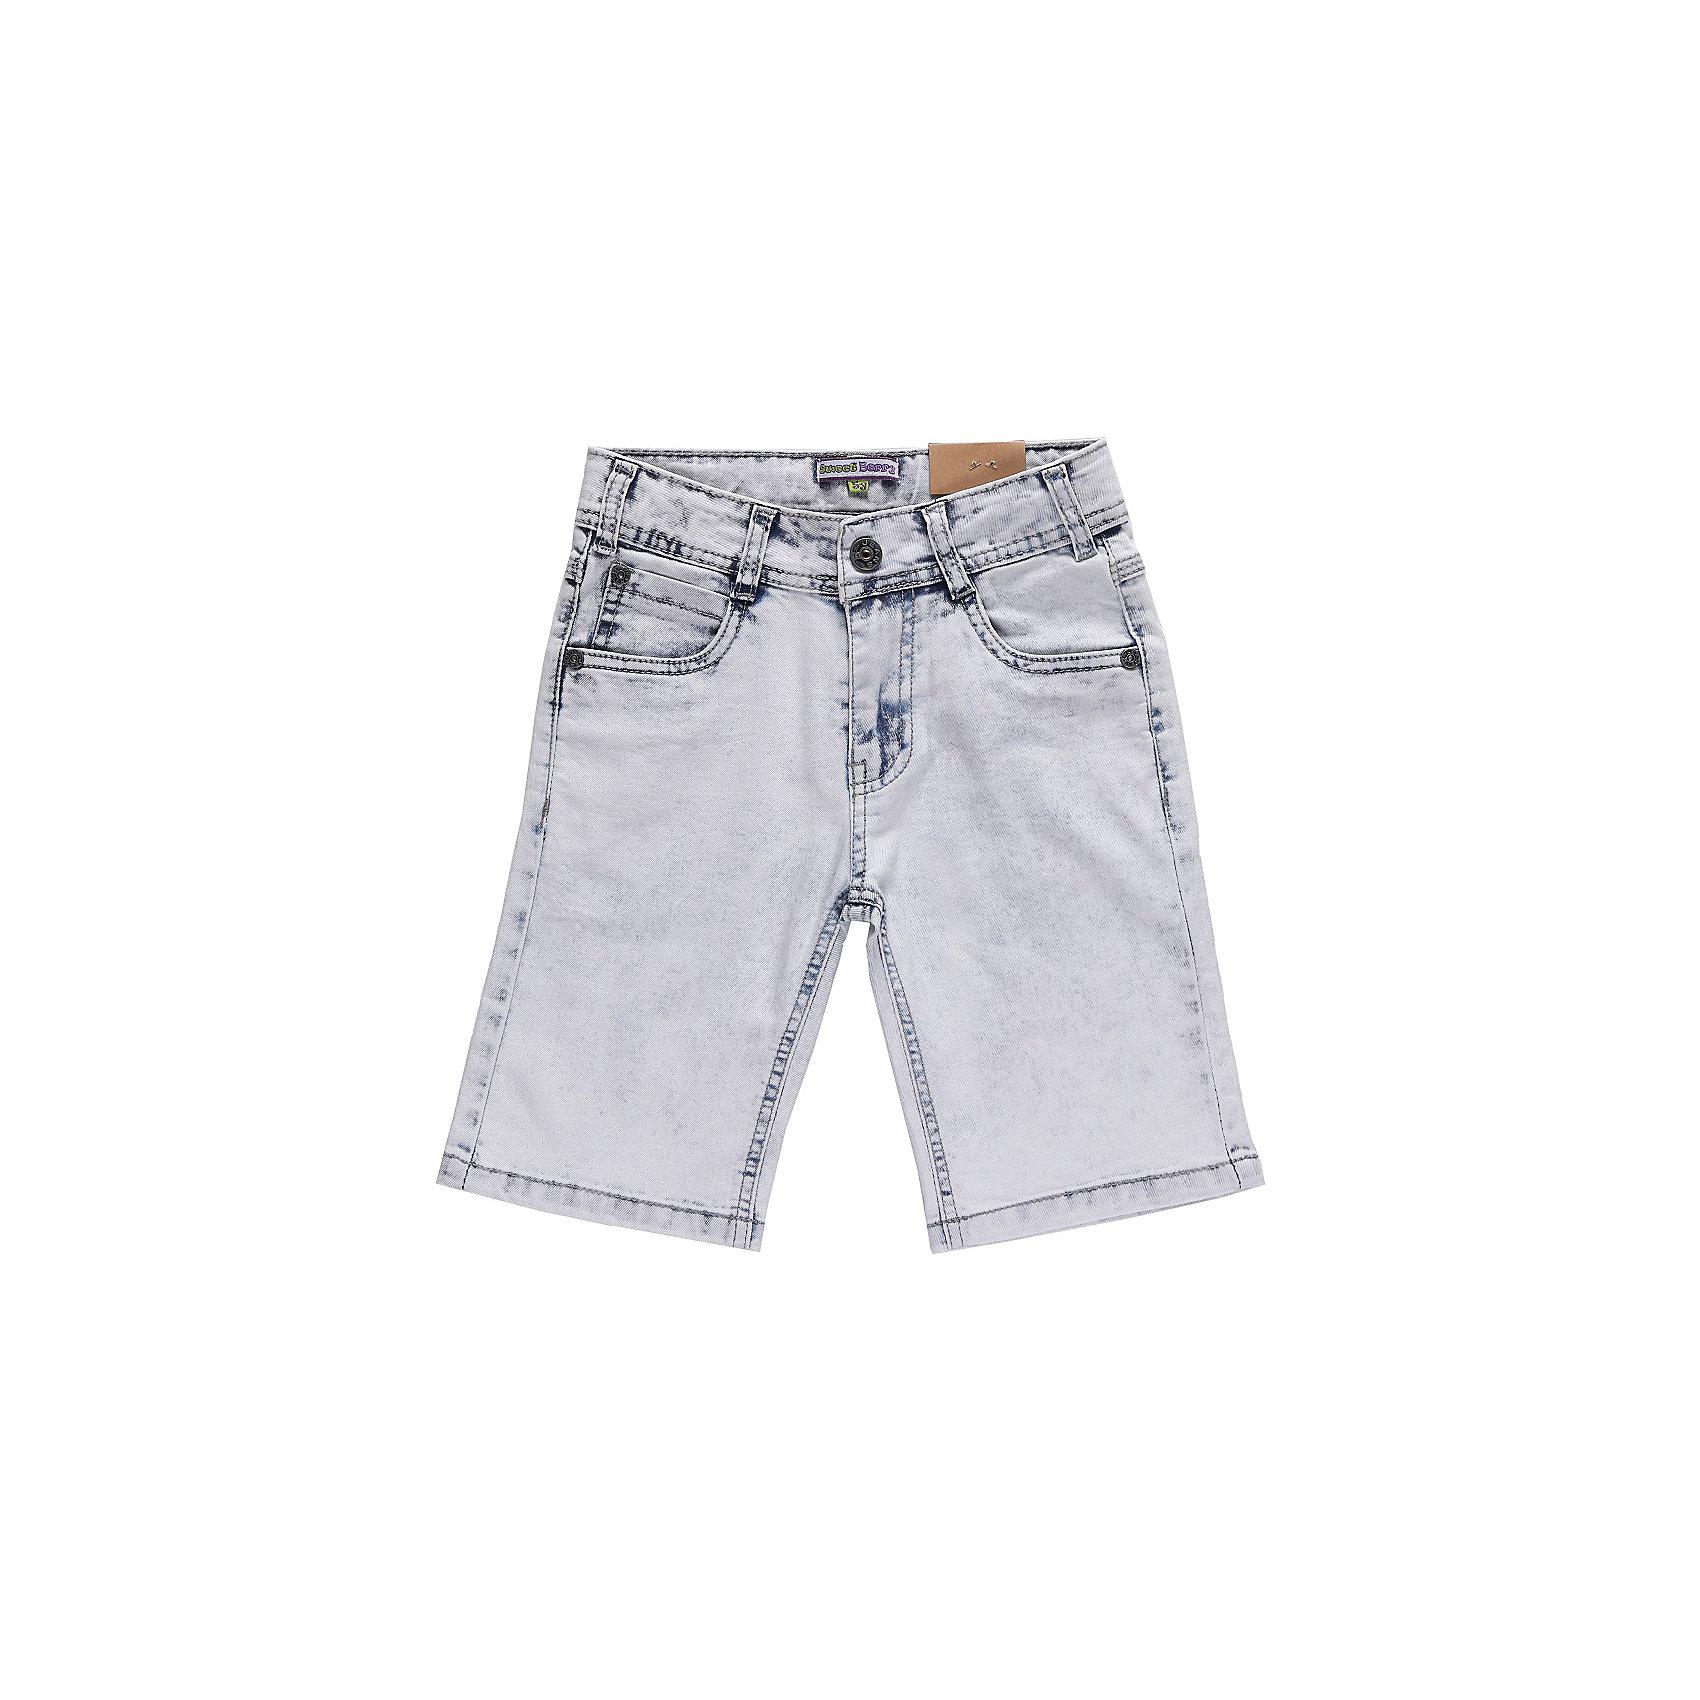 Бриджи джинсовые для мальчика Sweet BerryШорты, бриджи, капри<br>Джинсовые бриджи для мальчиков. Ткань имеет примесь эластана, поэтому они немнущиеся, легко стираются, не садятся. Однотонного голубого цвета с небольшими темными местами на швах. Штанины без подворотов. Такие бриджи - удобная и комфортная повседневная одежда в теплую пору года.<br>Состав:<br>98% хлопок, 2% эластан<br><br>Ширина мм: 191<br>Глубина мм: 10<br>Высота мм: 175<br>Вес г: 273<br>Цвет: голубой<br>Возраст от месяцев: 84<br>Возраст до месяцев: 96<br>Пол: Мужской<br>Возраст: Детский<br>Размер: 128,122,110,116,98,104<br>SKU: 4523013